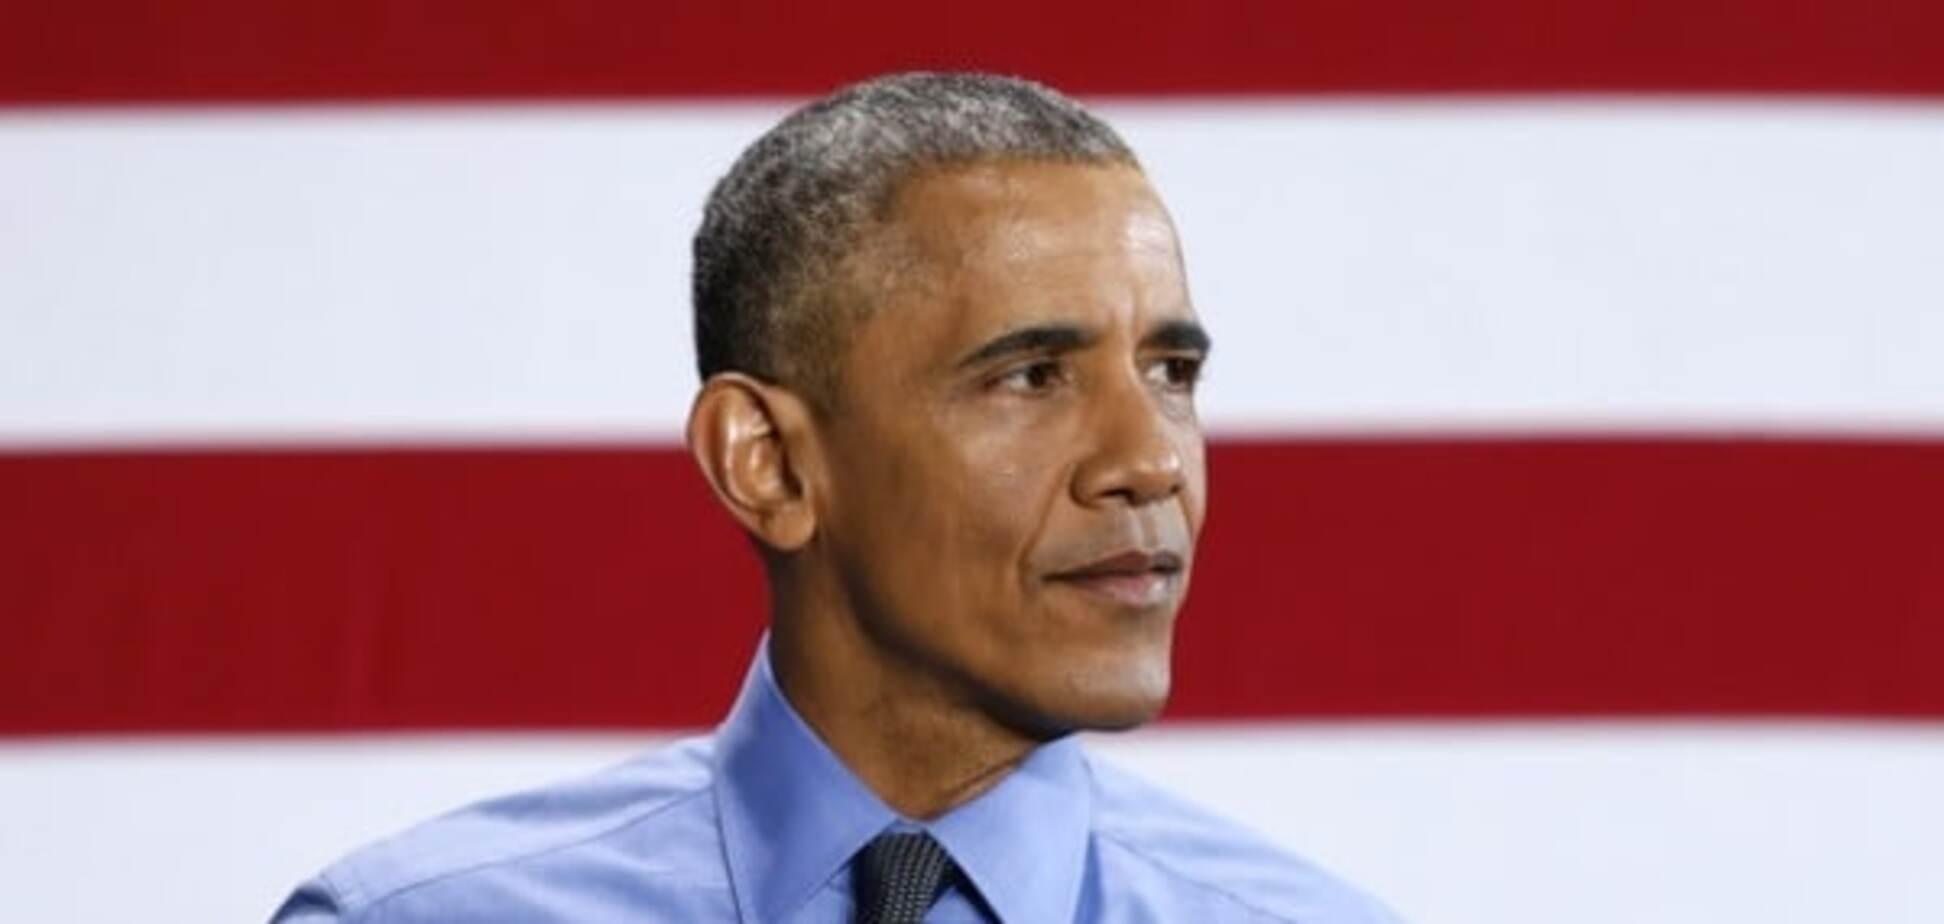 Подарунок на пенсію: художниця намалювала Обаму грудьми